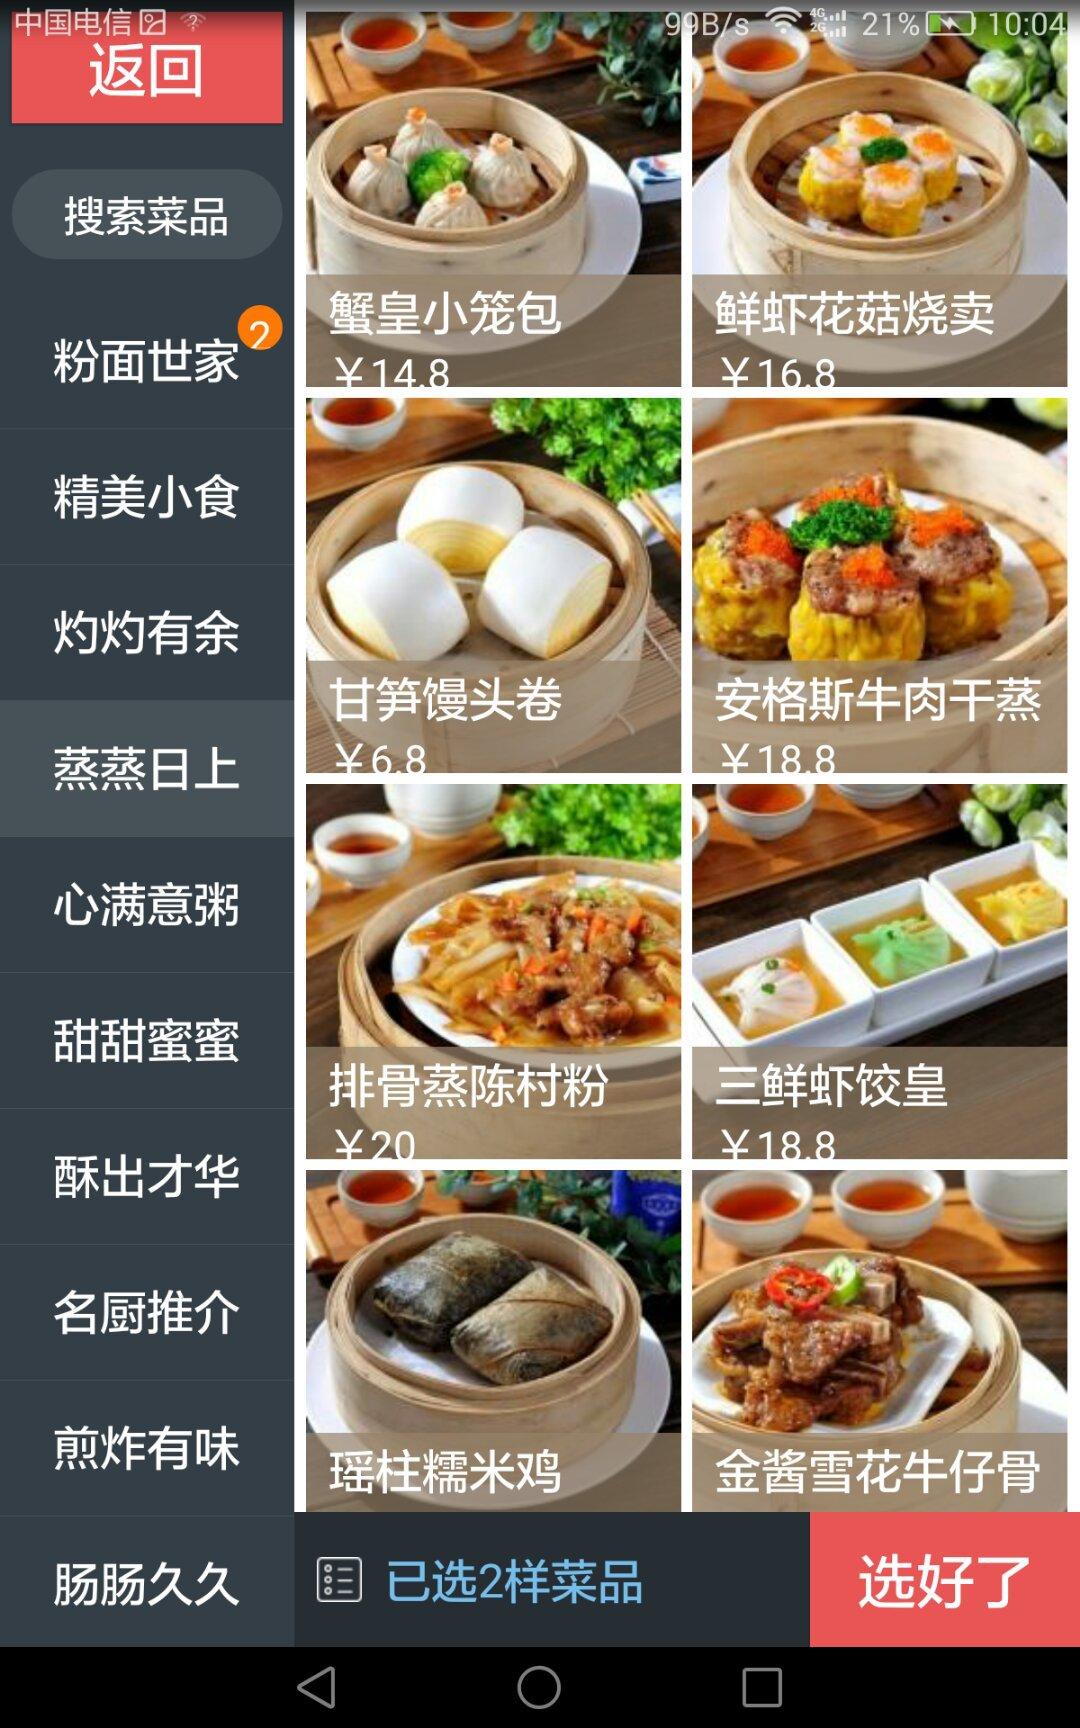 火锅店收银软件、火锅店手机扫码点菜软件、点餐电脑